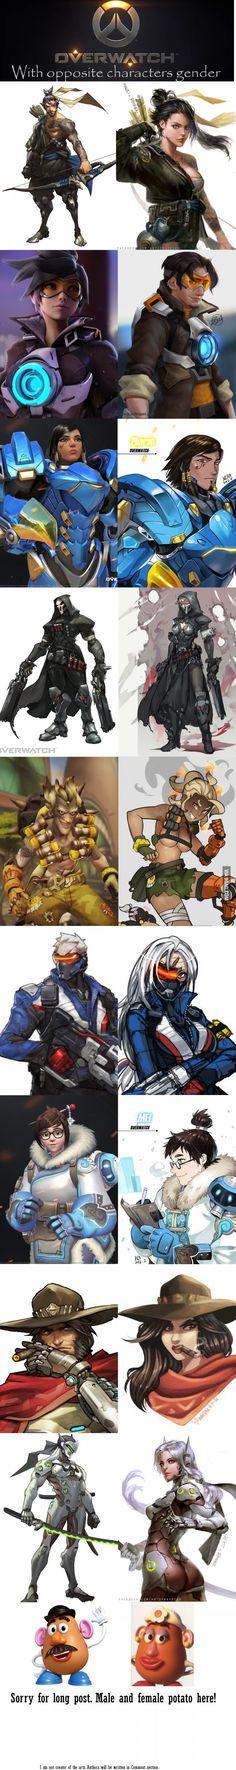 Overwatch characters in opposite gender! Overwatch Comic, Overwatch Memes, Overwatch Fan Art, Character Art, Character Design, Gender Swap, Gender Change, Fanart, Widowmaker